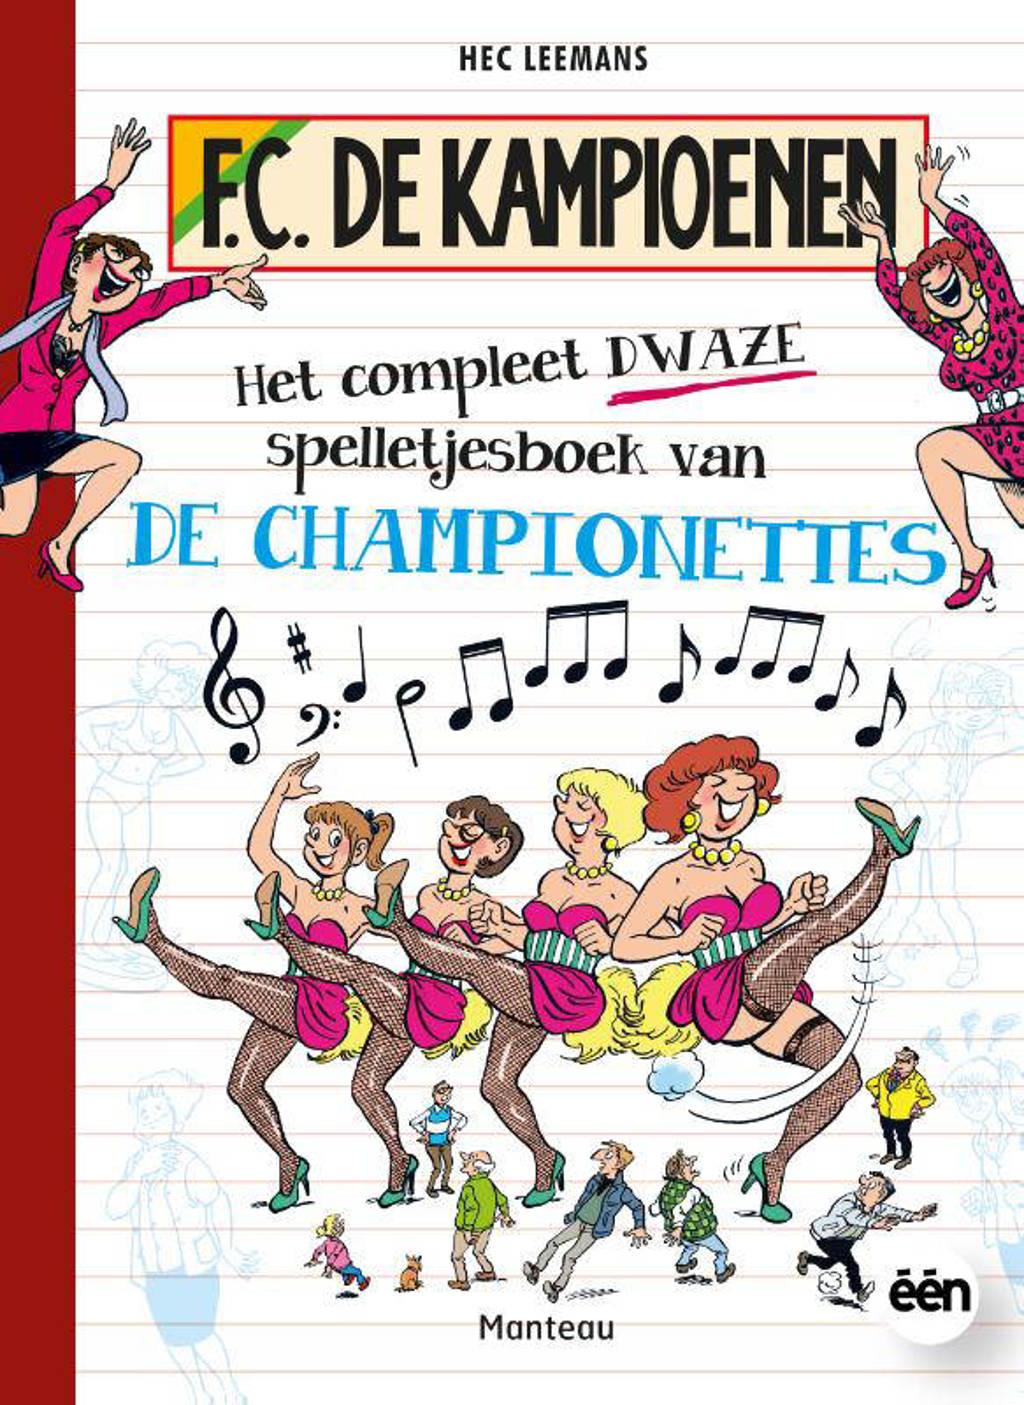 F.C. De Kampioenen: Het compleet dwaze spelletjesboek van de Championettes - Hec Leemans